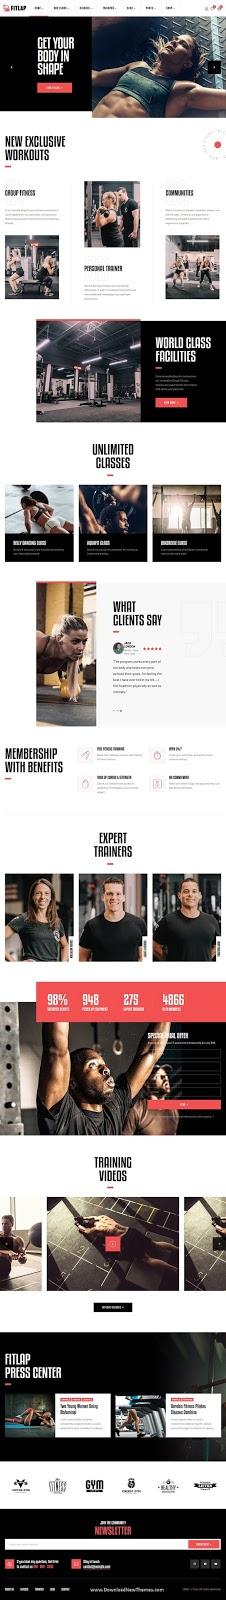 Best Gym & Fitness Club WordPress Template